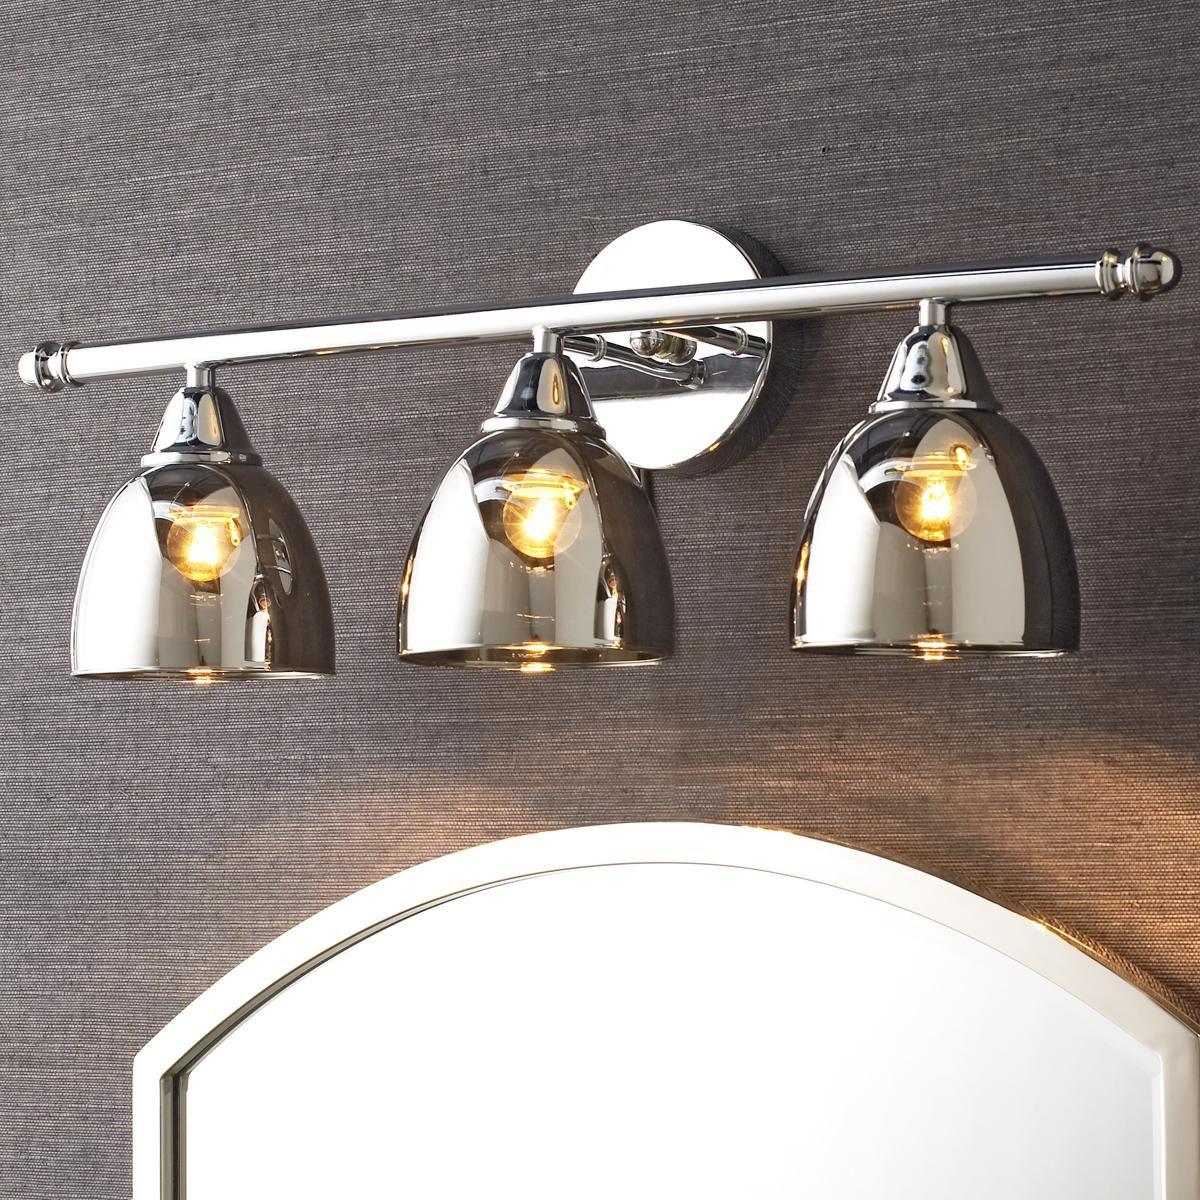 unique vanity lighting. Chrome Translucent Glass Vanity Light - 3 . Unique Lighting